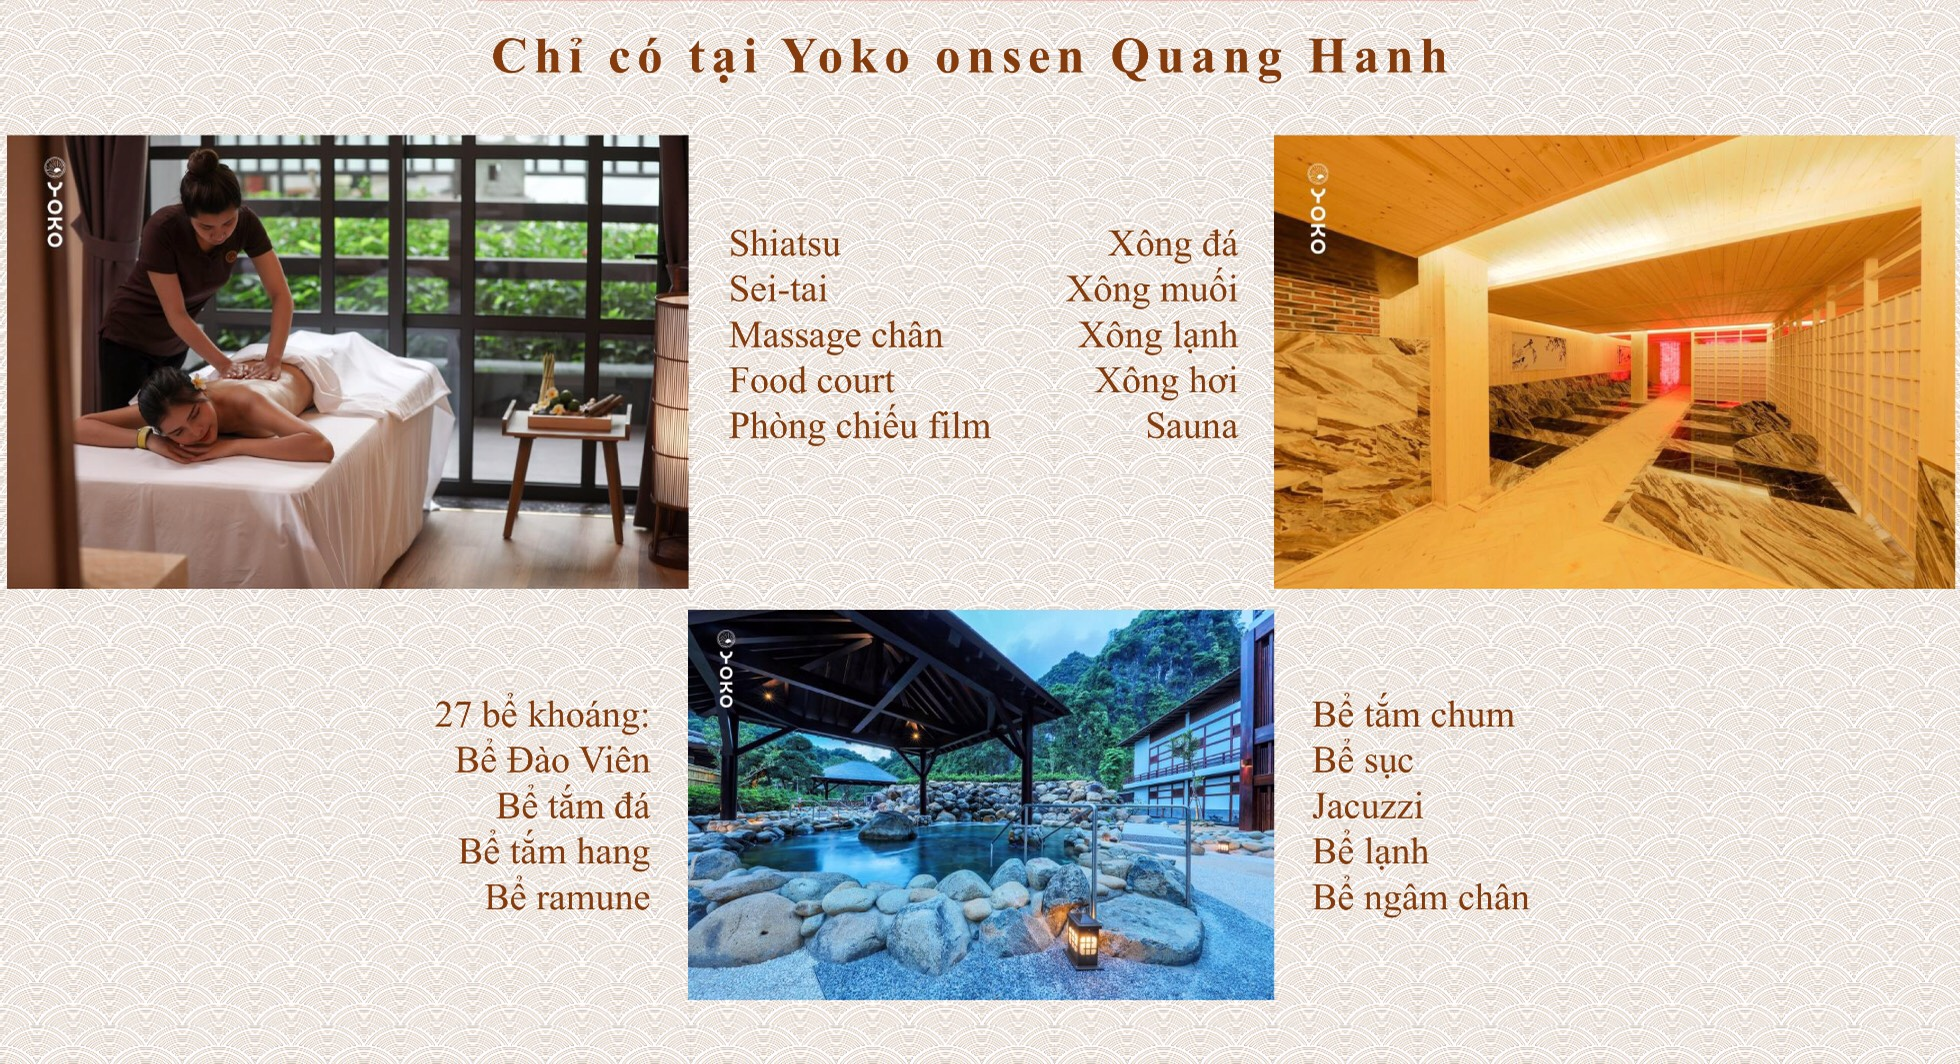 các dịch vụ tại yoko onsen villa Quang Hanh